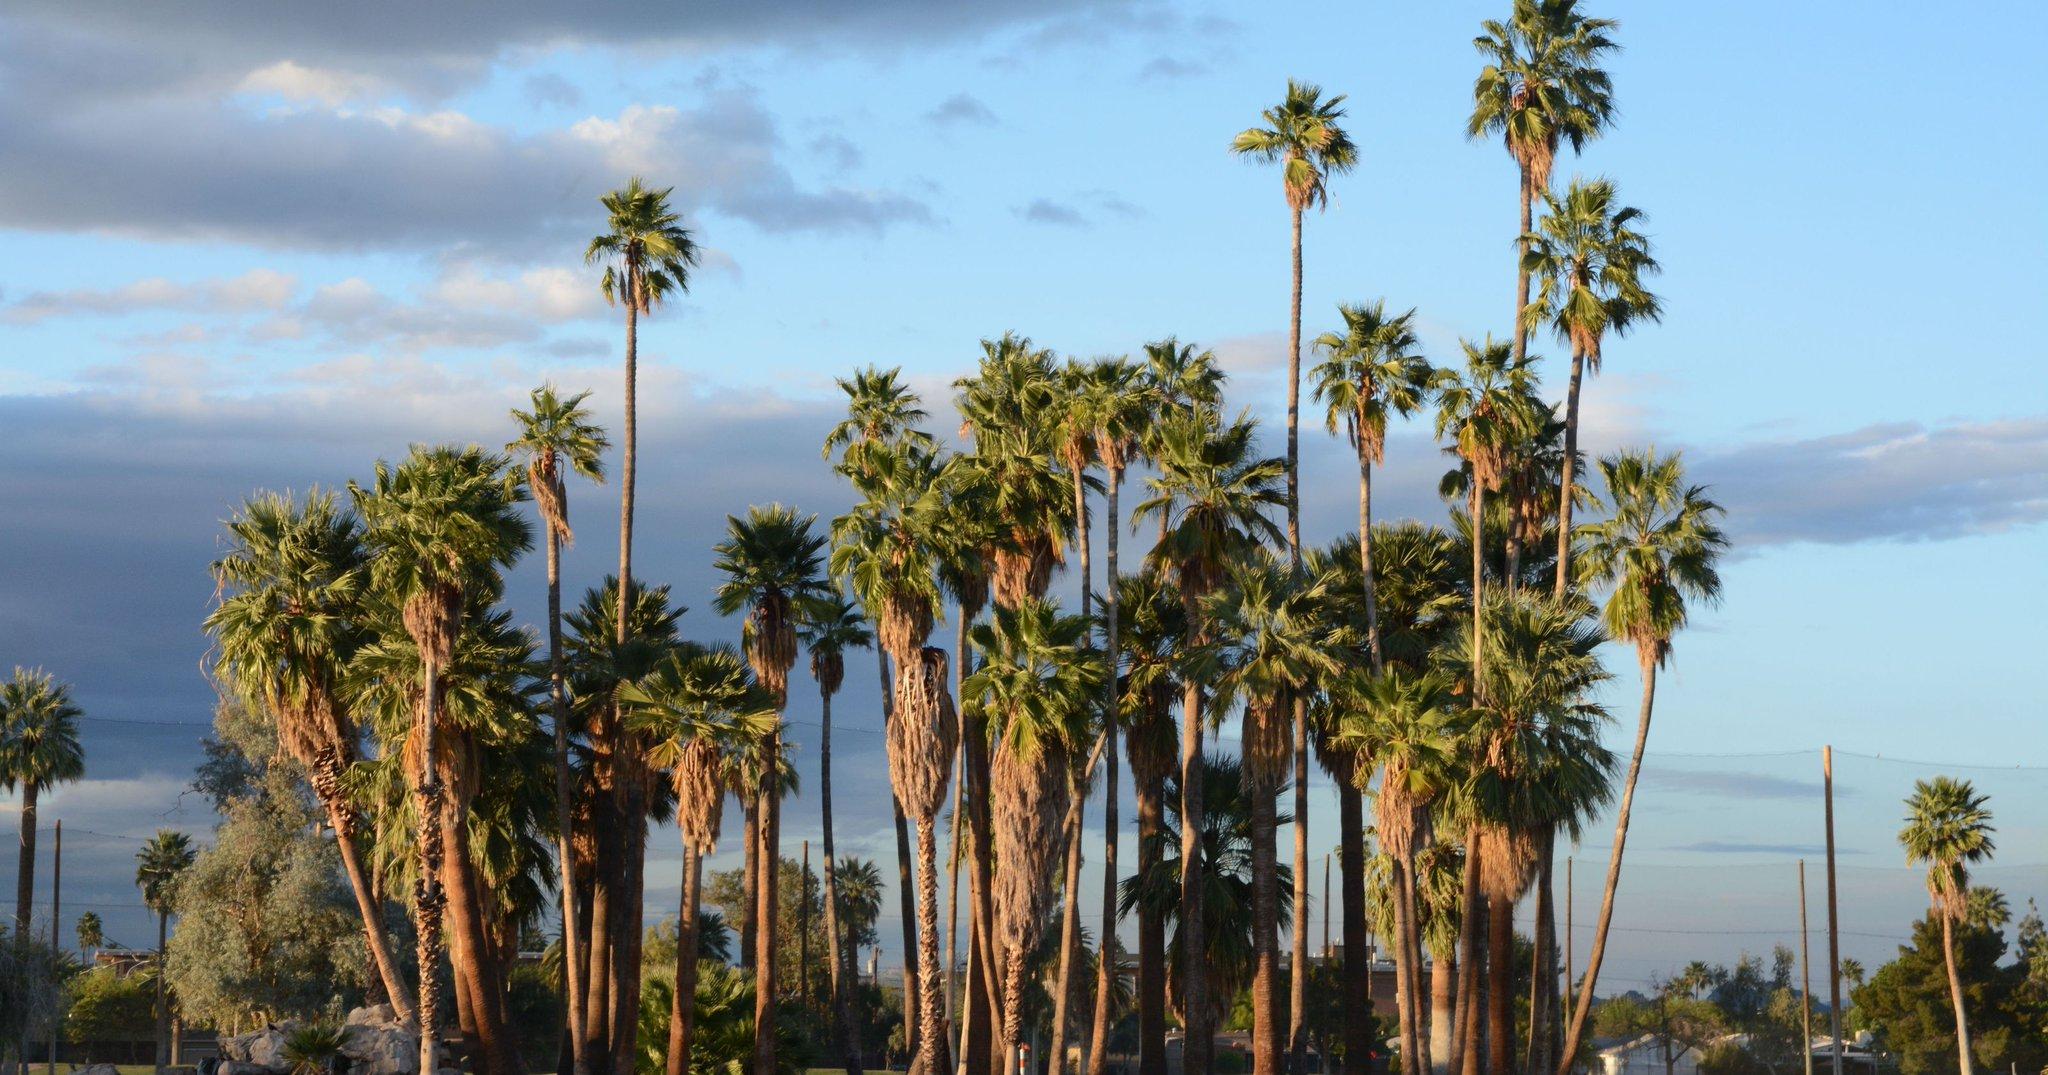 A Tree Used to Grow in Phoenix @azcentral @57MCM @TreesMatterAZ https://t.co/r2i7cnFGE1 https://t.co/pORLKSZya5